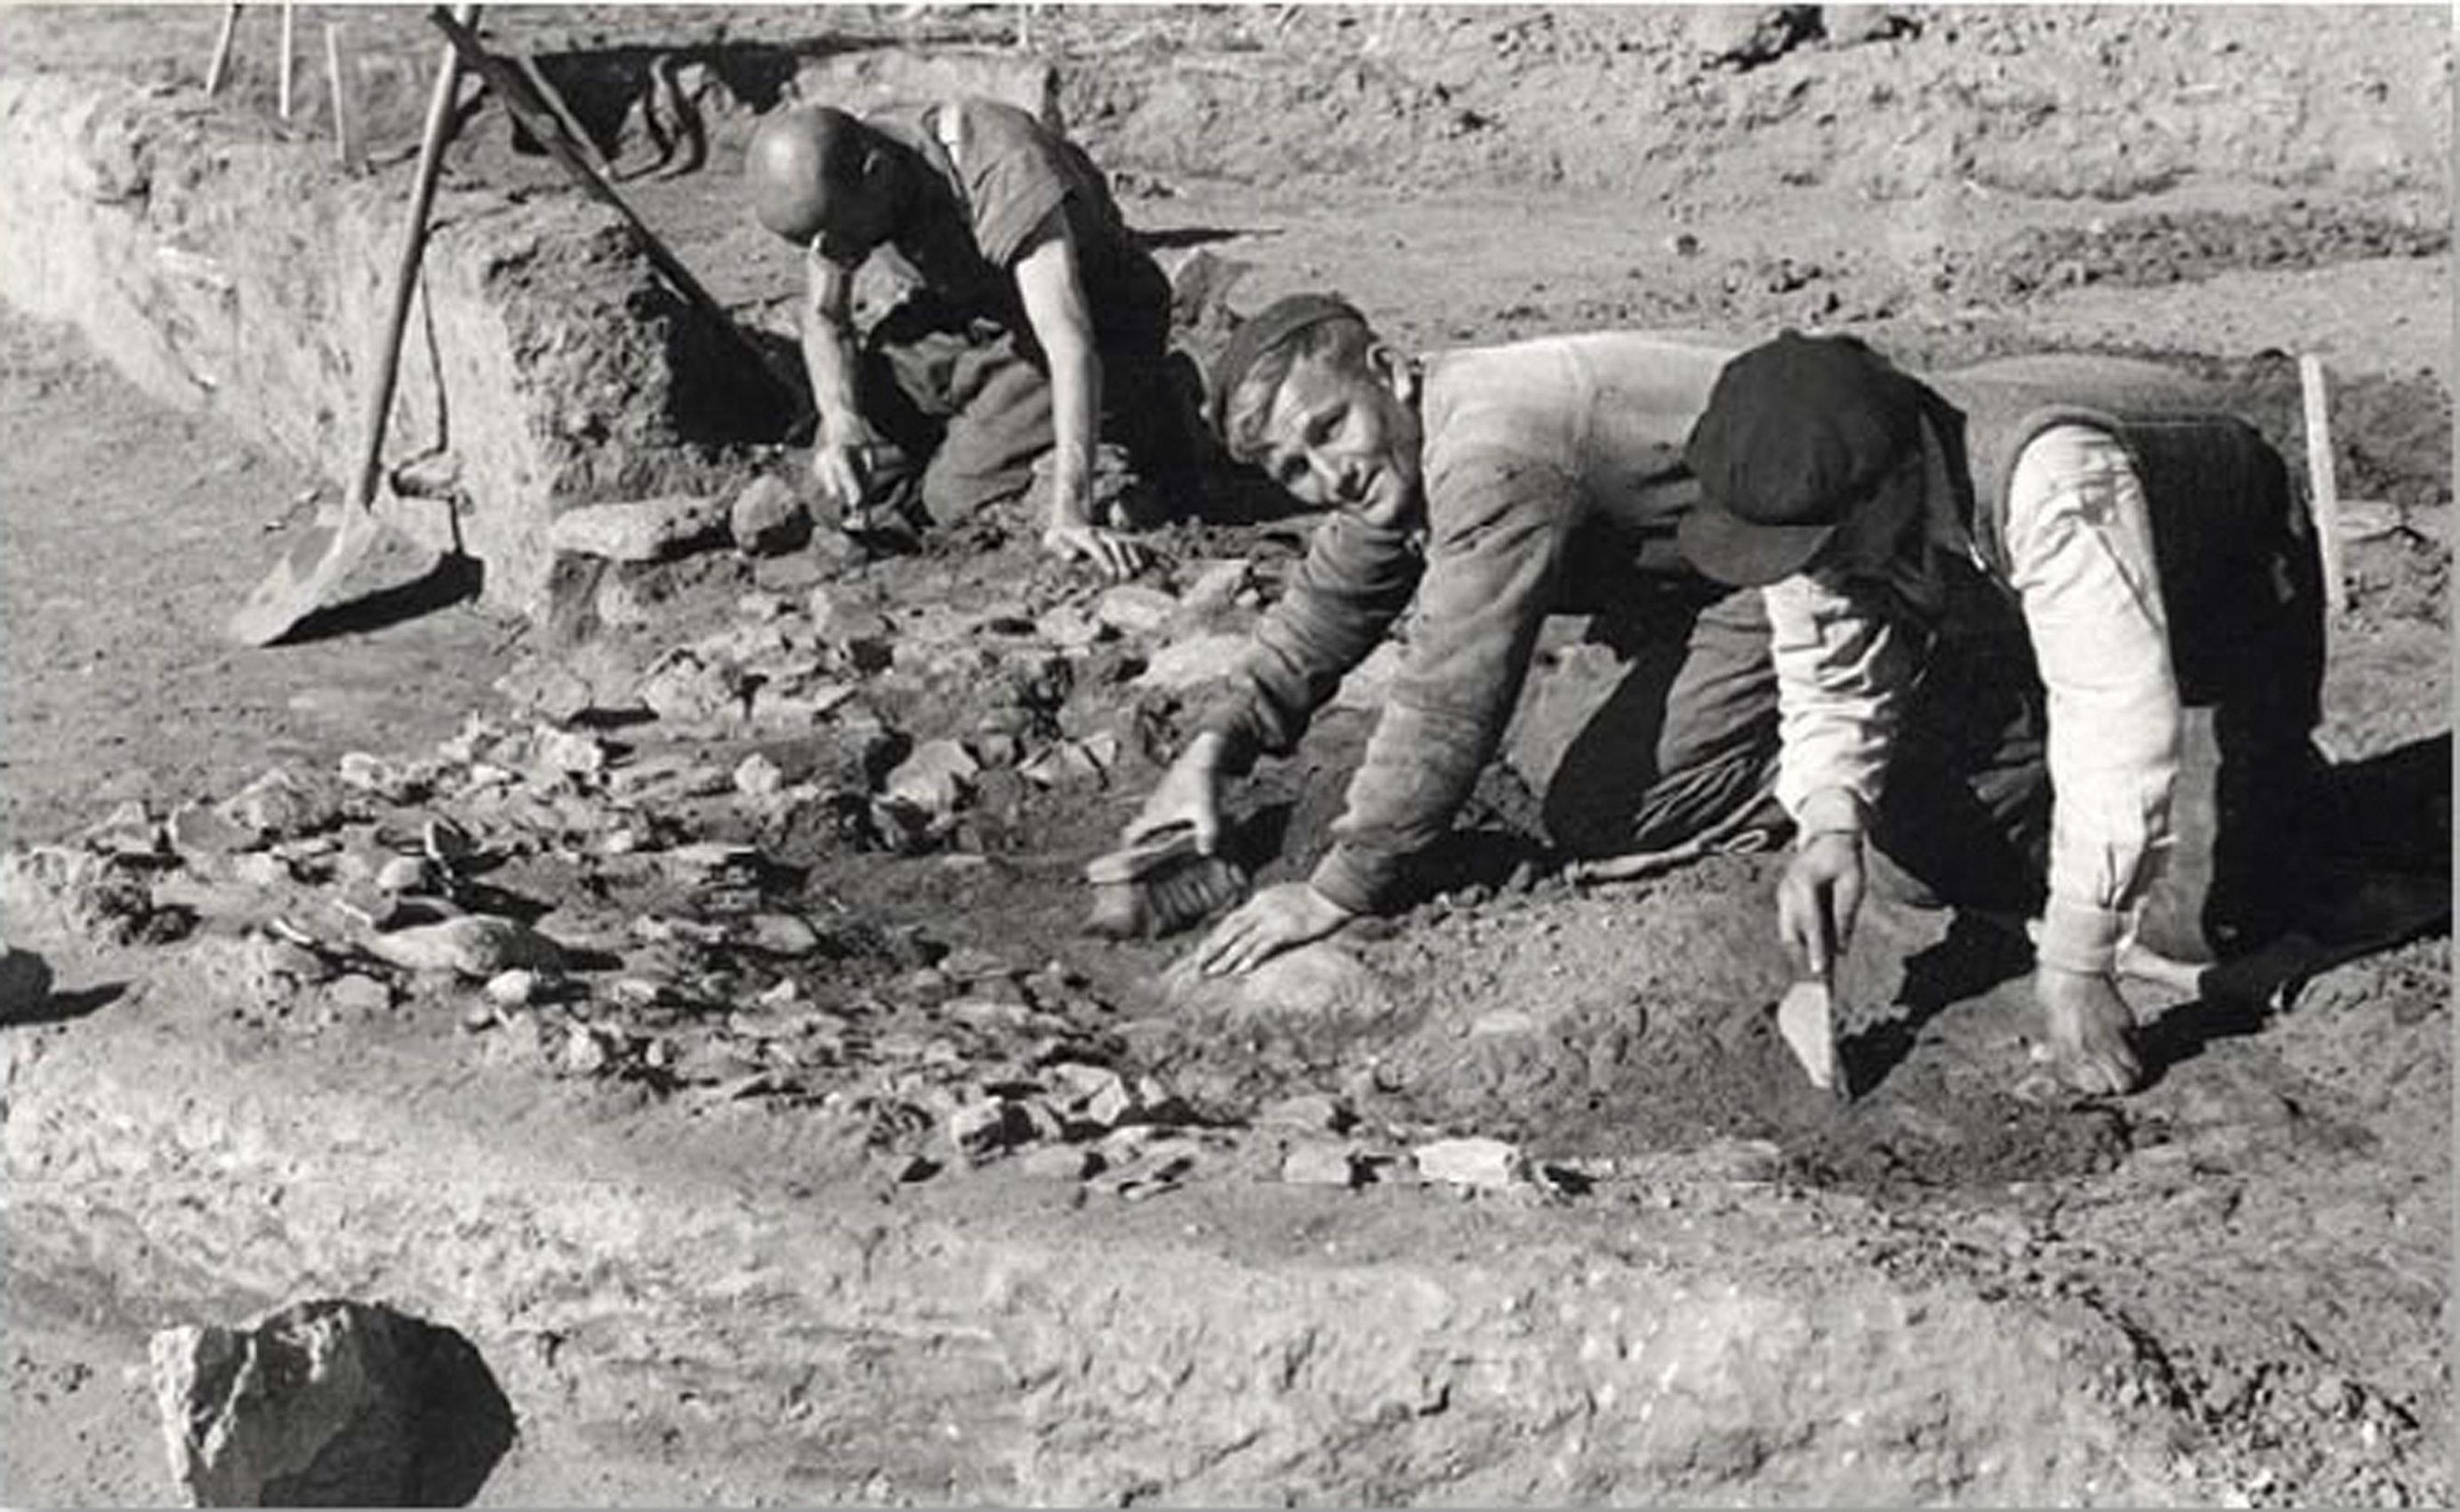 Μια άγνωστη γερμανική ανασκαφή στα χρόνια της